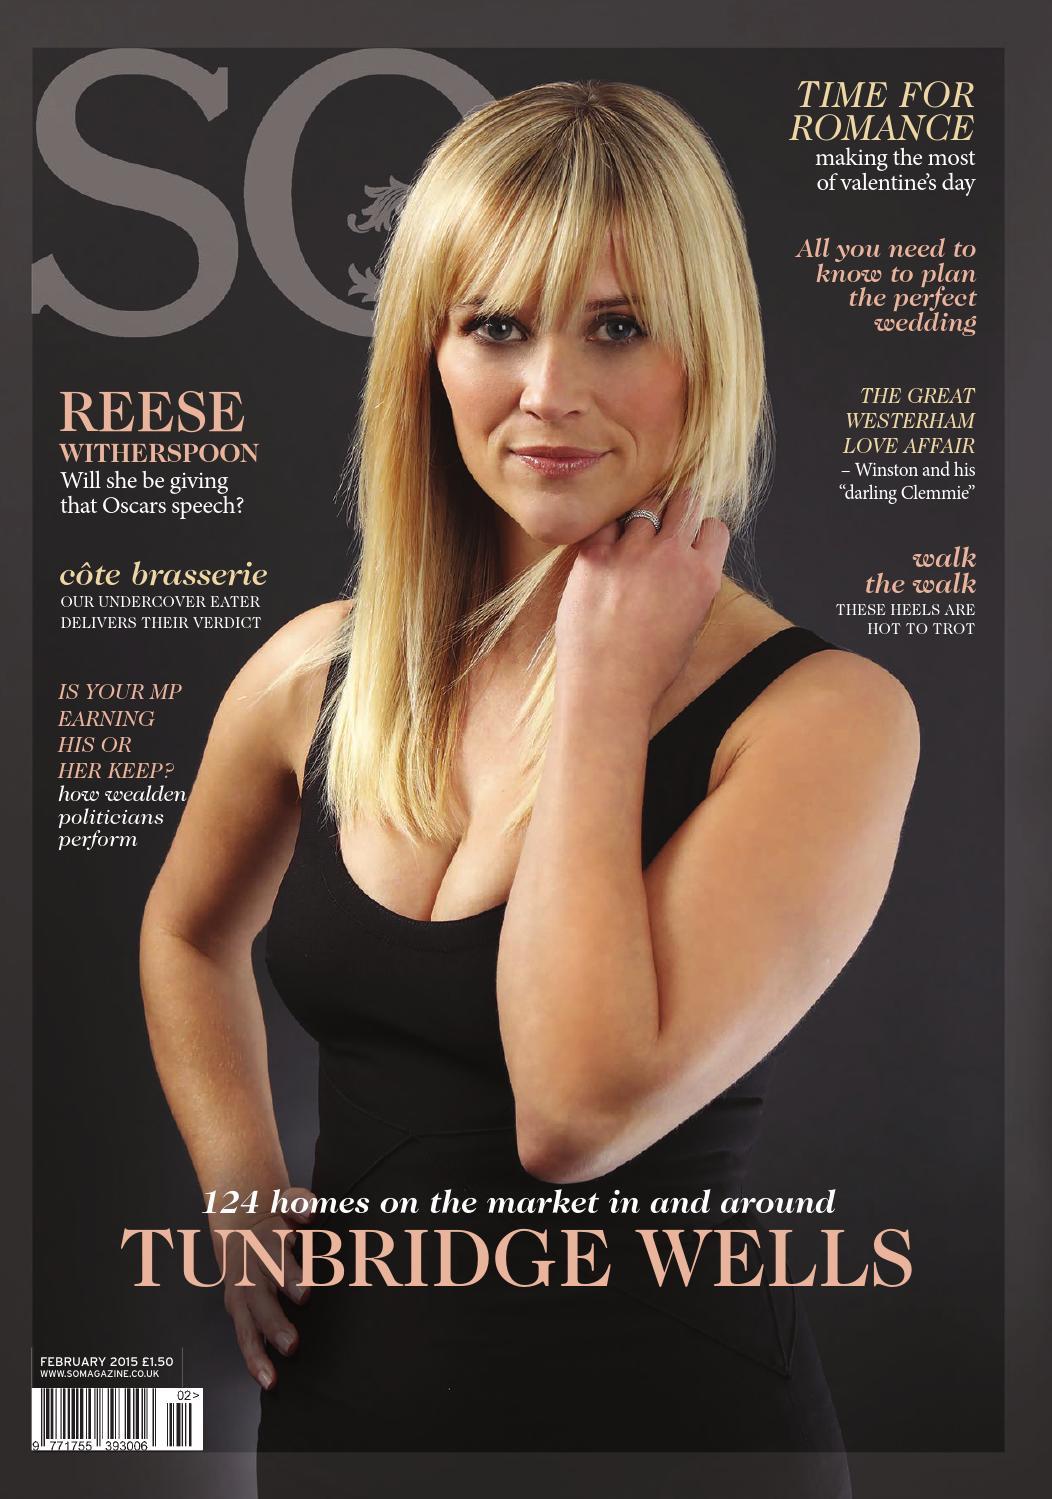 d64c5061911 So Tunbridge Wells February 2015 magazine by One Media - issuu